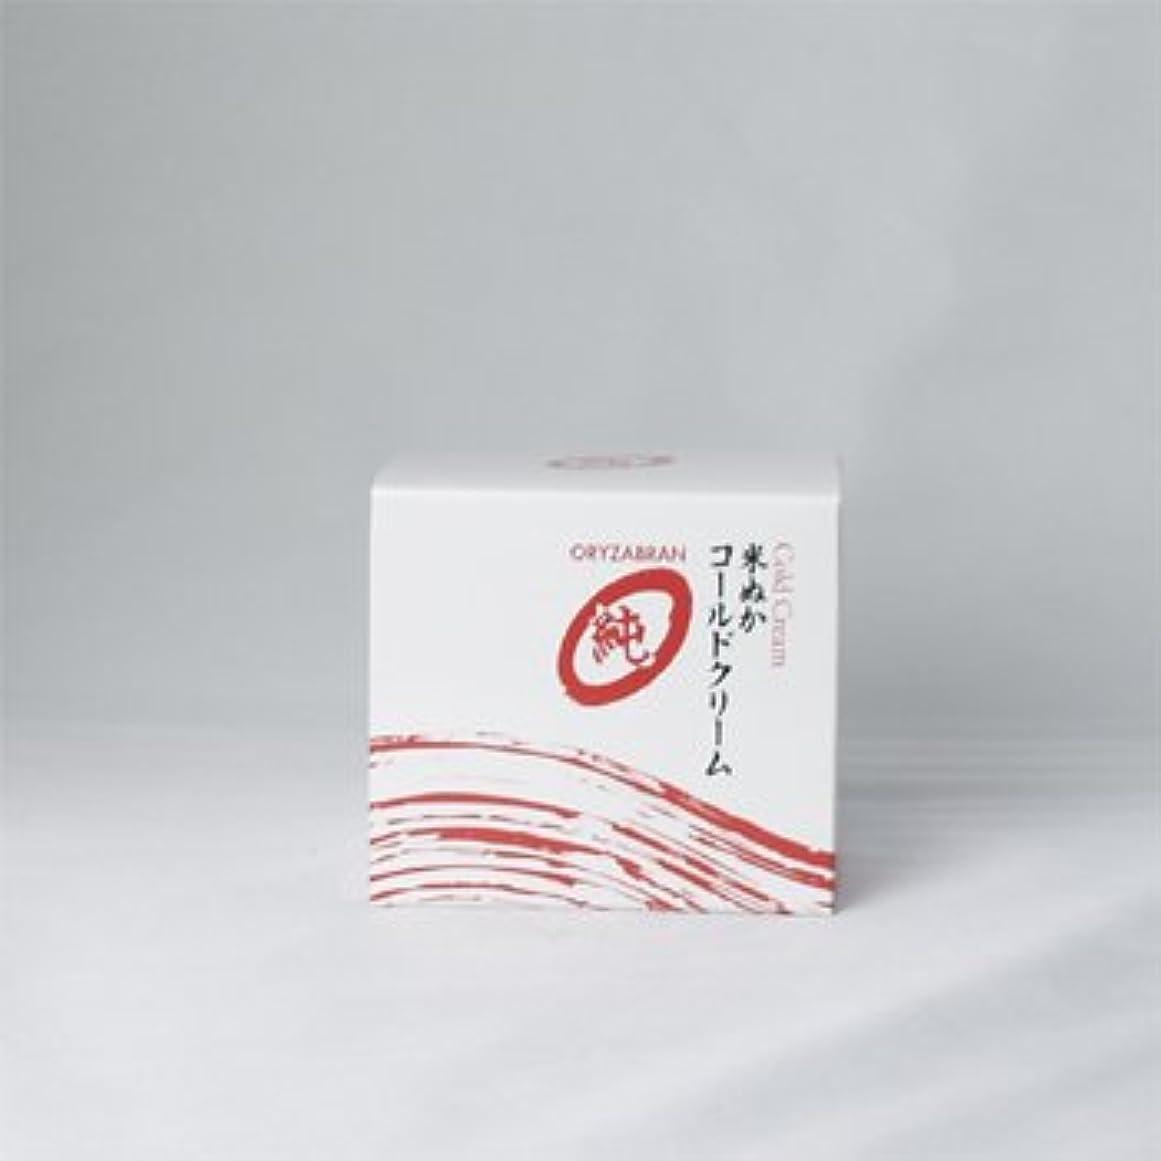 最近ショートバーオリザ ジュン 米ぬか コールドクリーム 300g [クレンジング&マッサージクリーム]